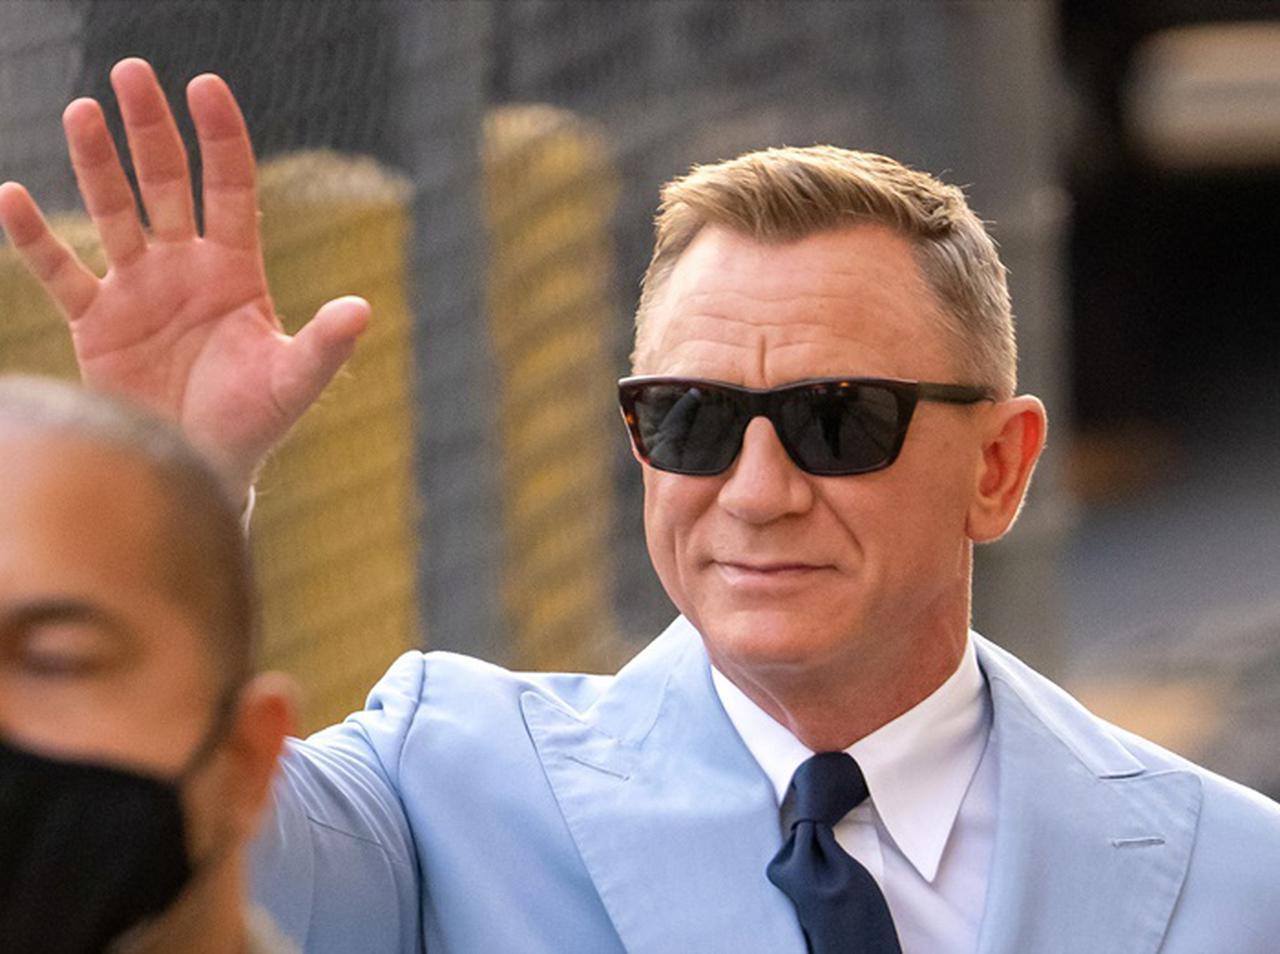 画像: ダニエル・クレイグ、『007』最新作の撮影1年前から毎日トレーニング【専属トレーナーにインタビュー】 - フロントロウ -海外セレブ&海外カルチャー情報を発信